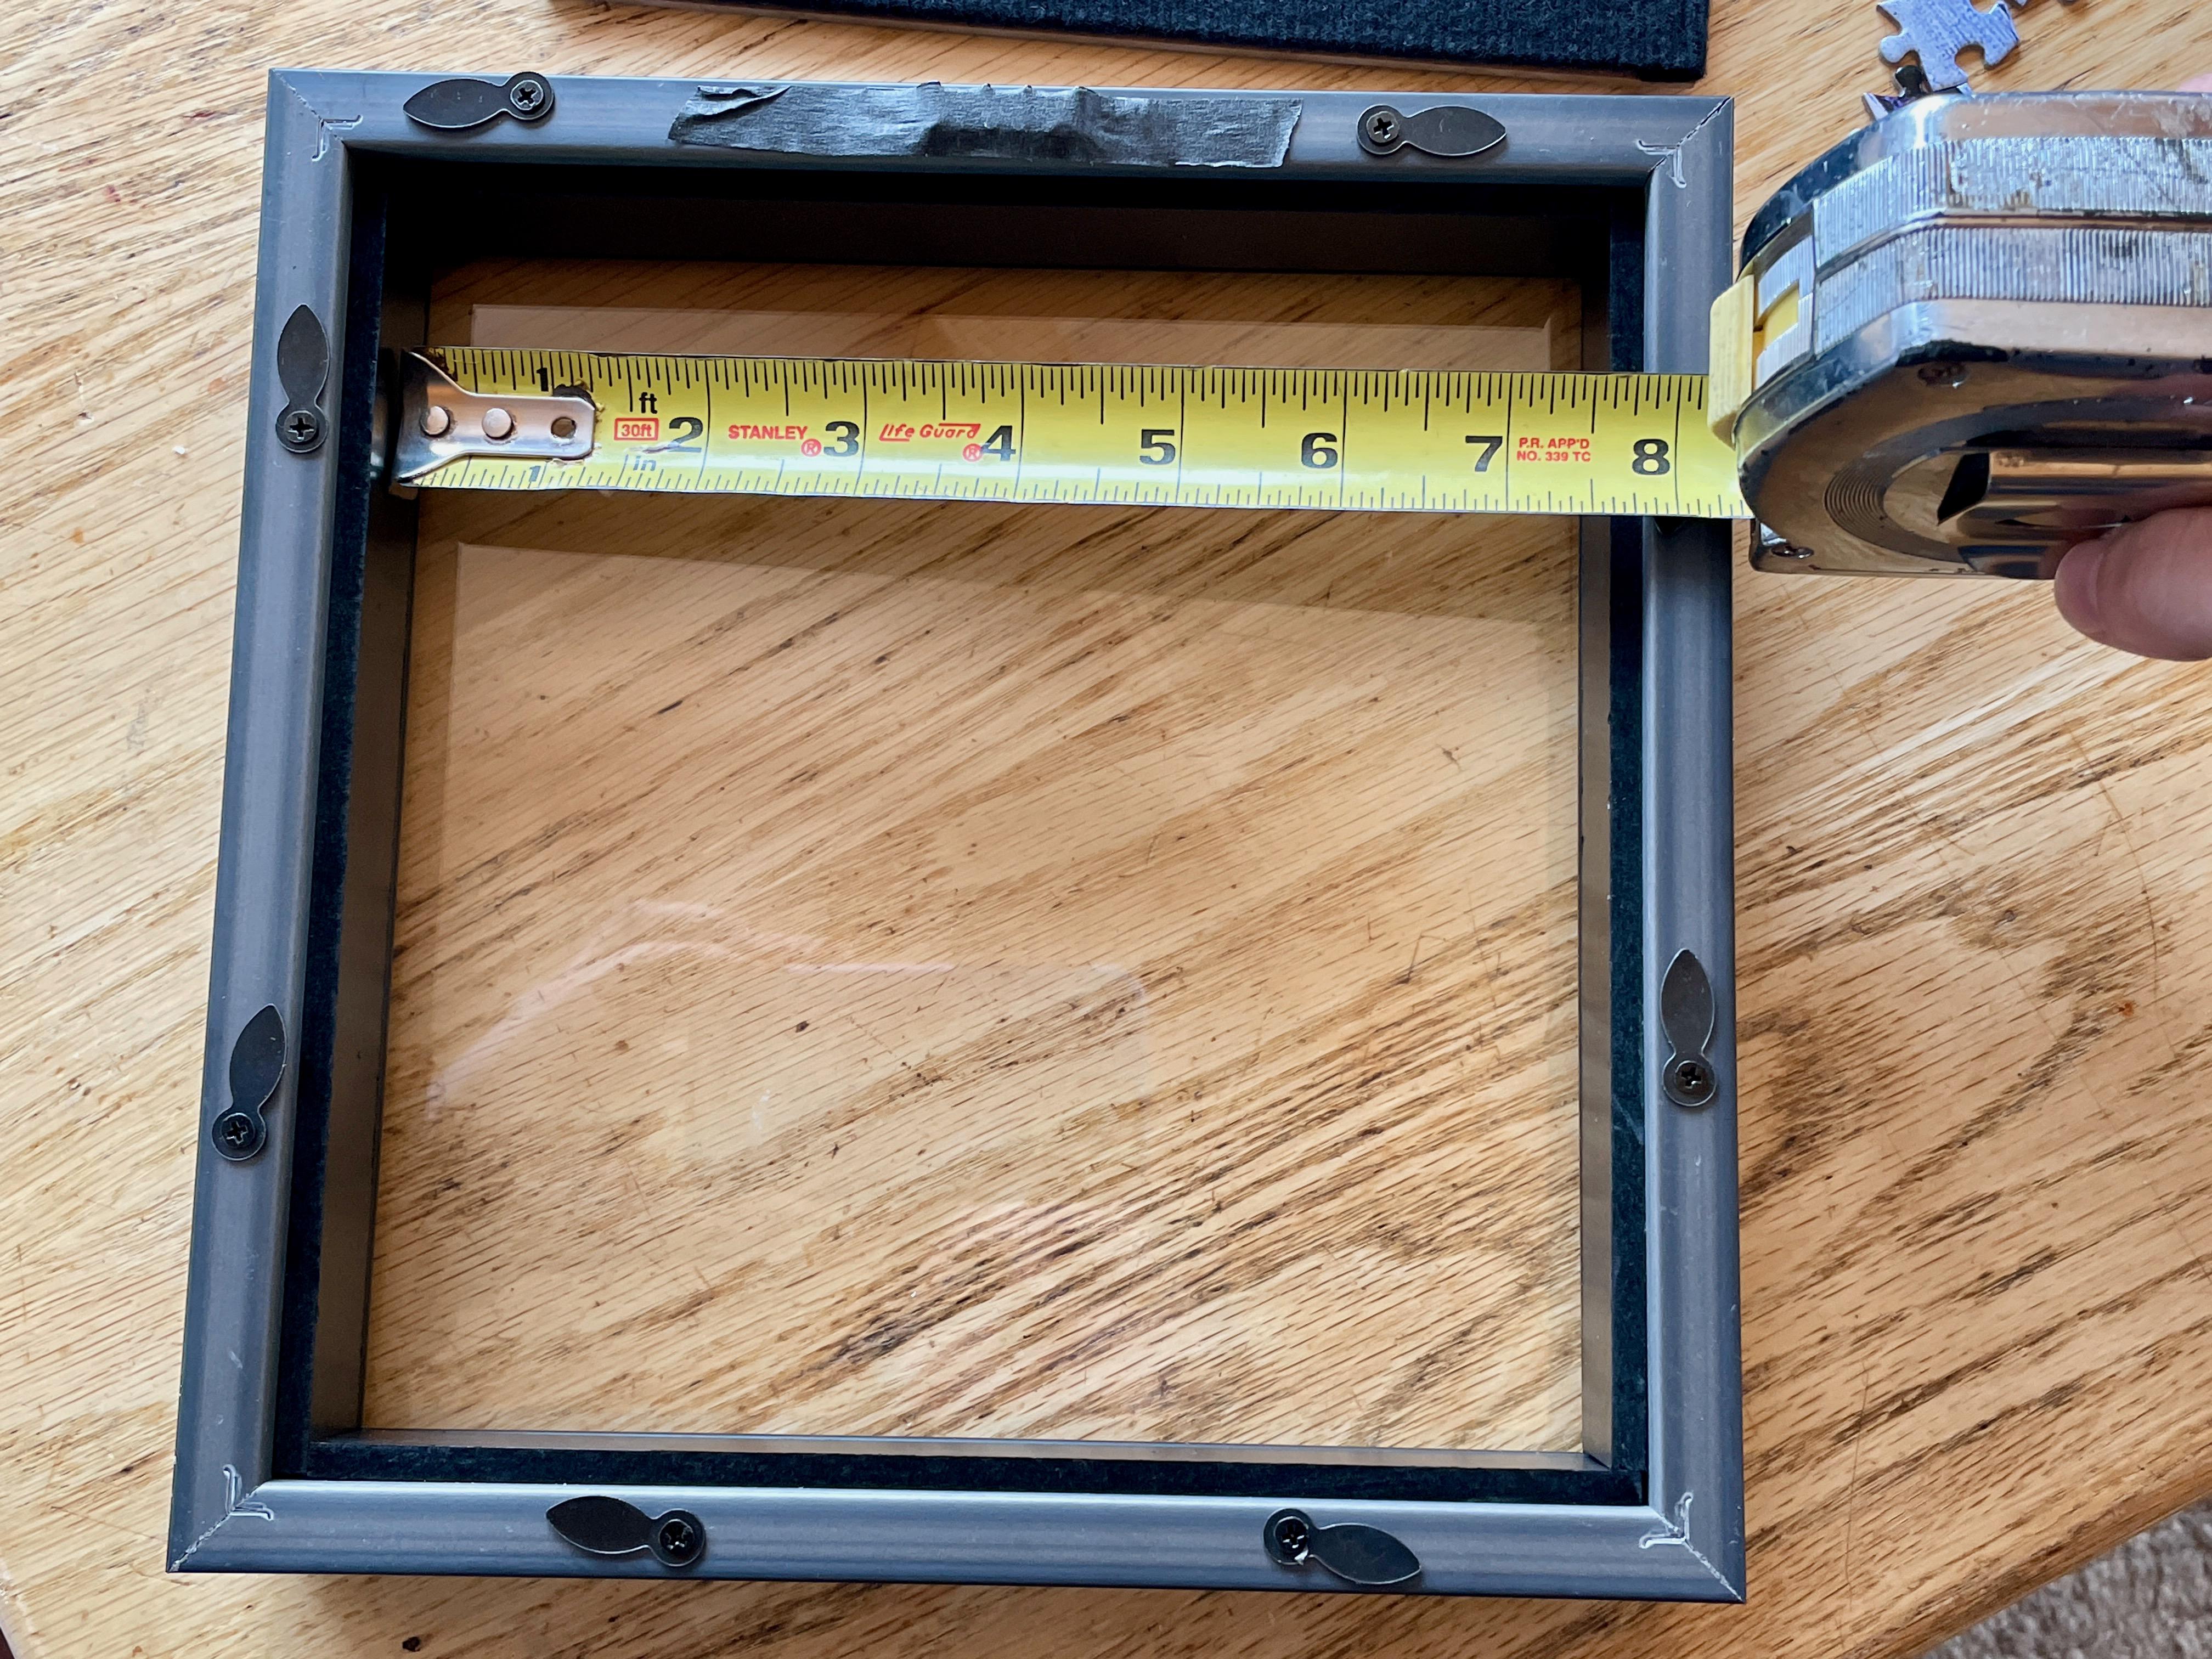 led_strips_01_measure1.jpeg